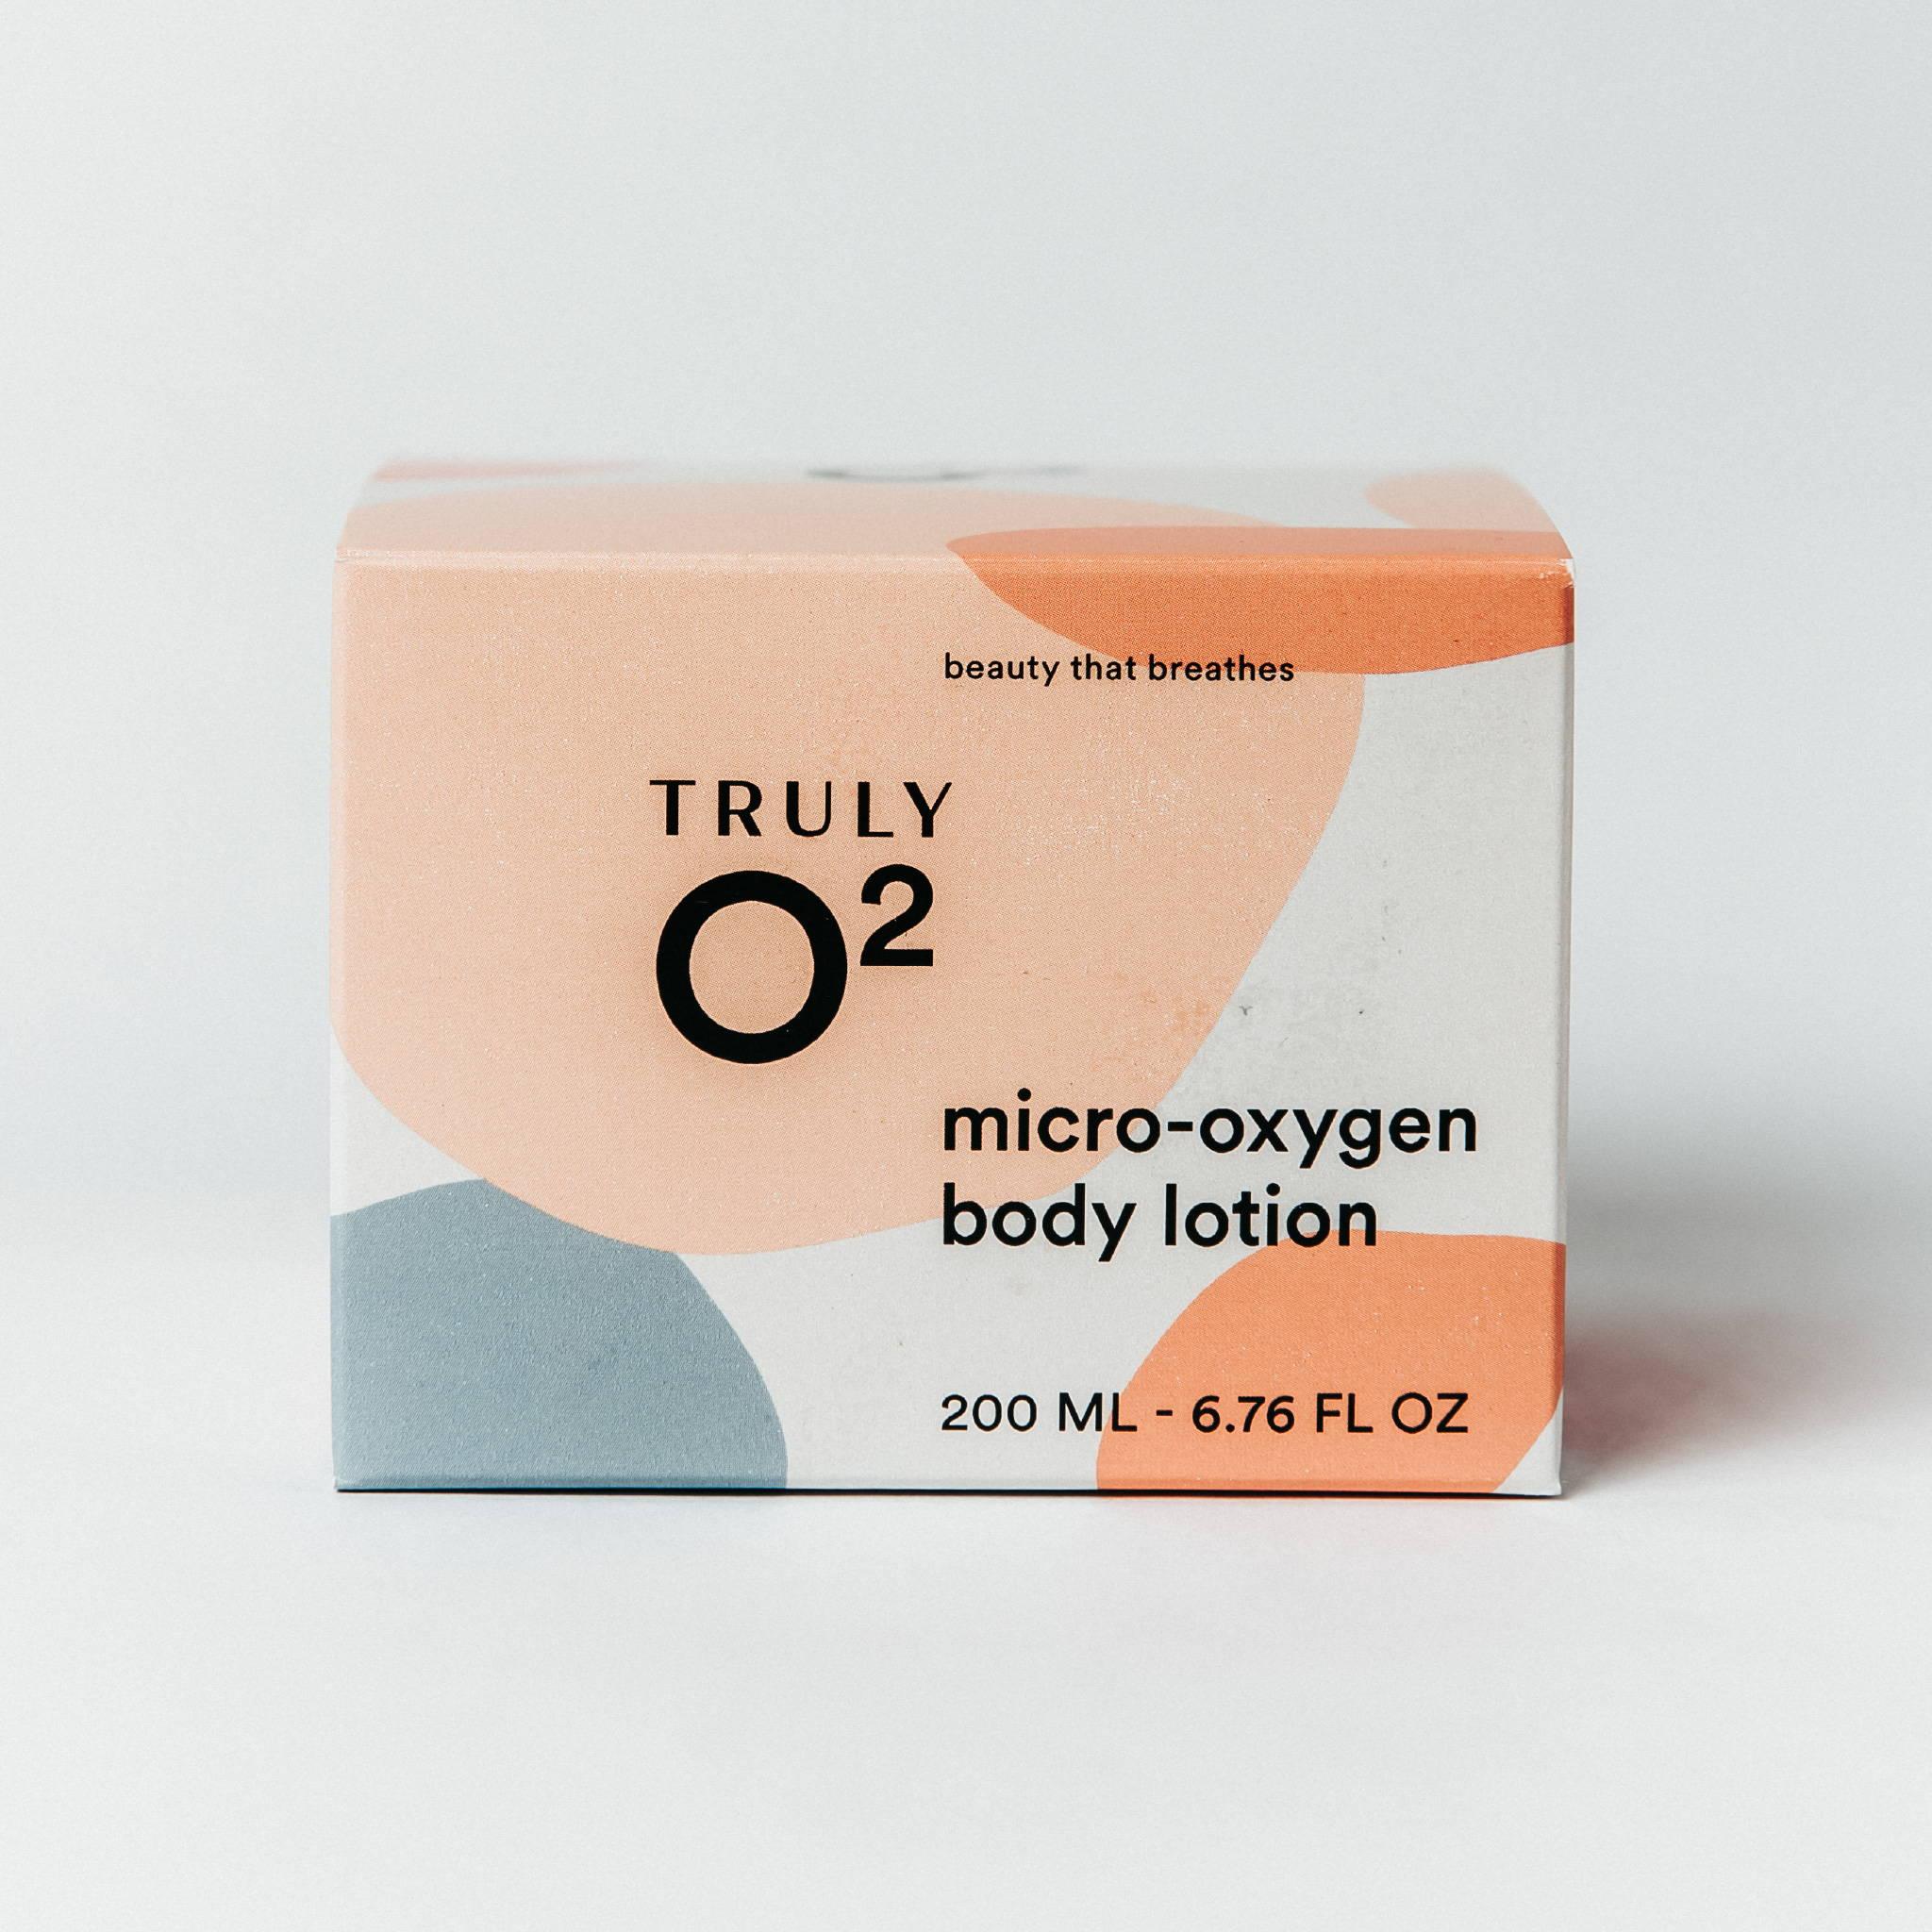 Truly O2 micro-oxygen body lotion 6.76oz face cream box